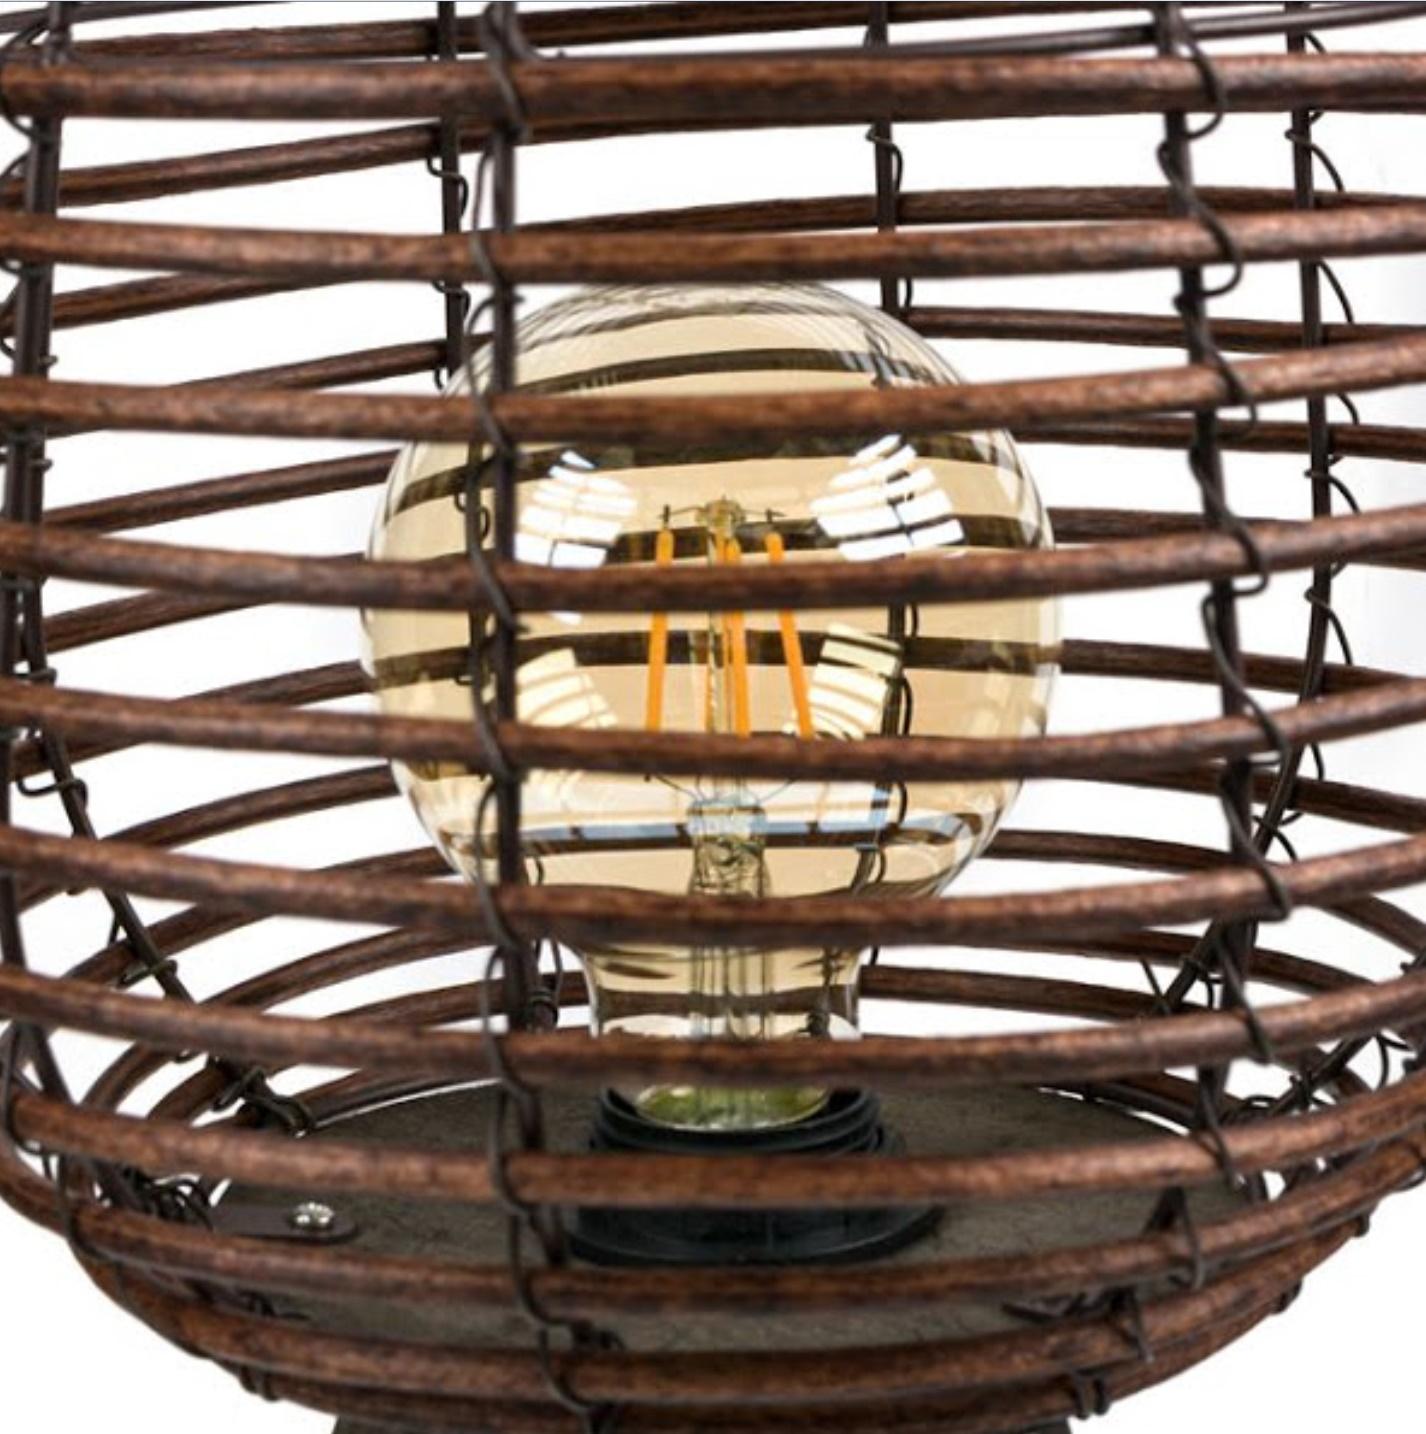 Lampa decorativa din lemn, pentru podea, 3 picioare, 24x59 cm